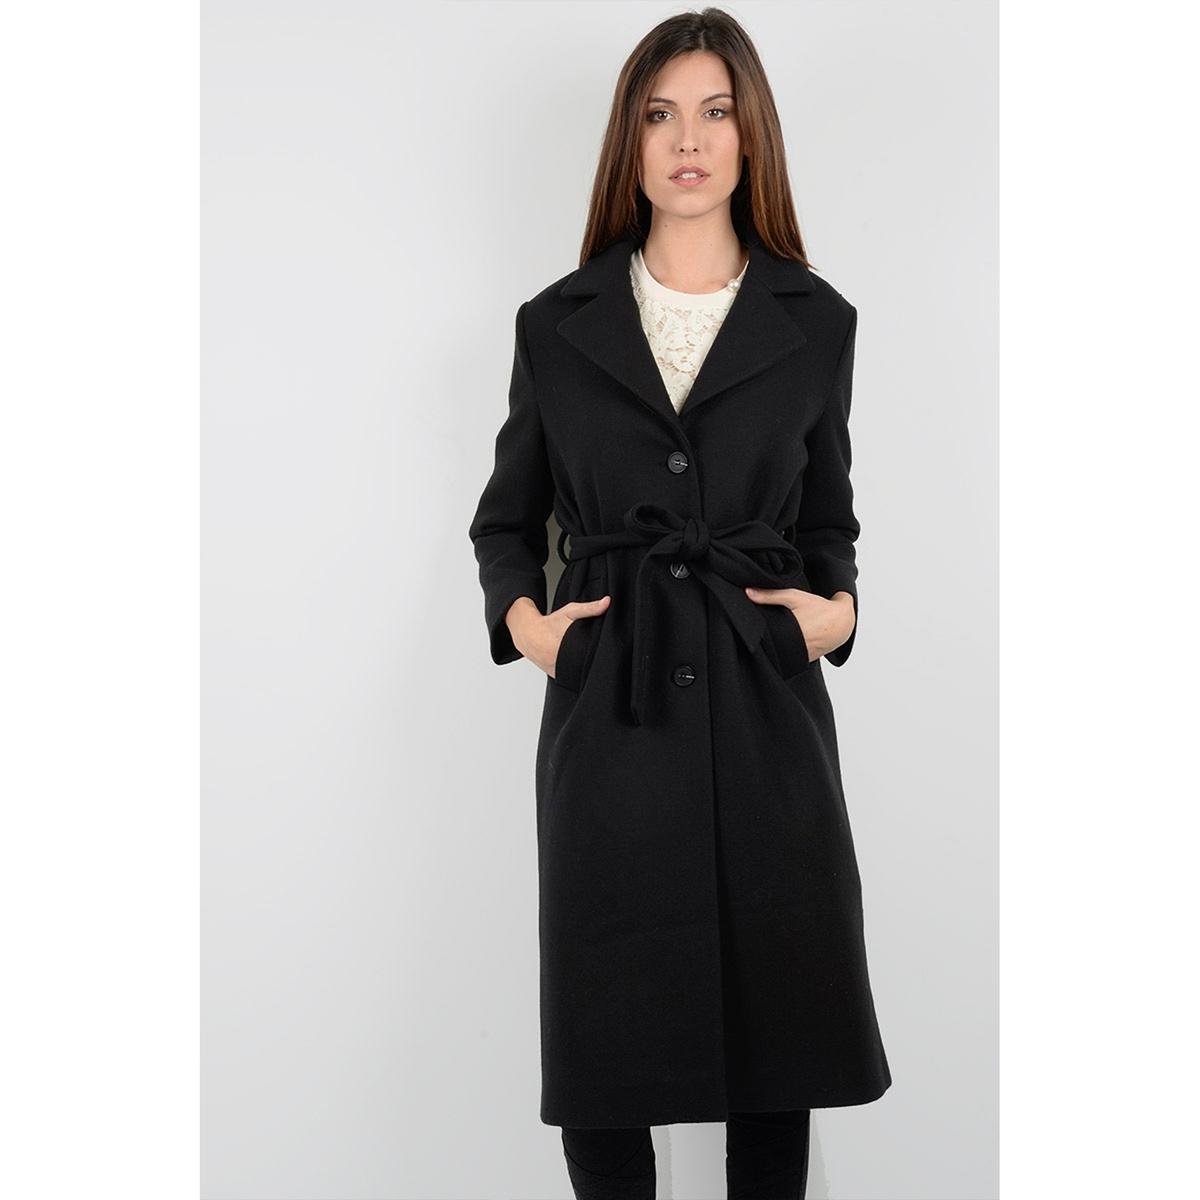 Пальто длинное с ремешкомОписание:Пальто длинное черное T437H17 MOLLY BRACKEN, 30% шерсти . Широкий воротник. Планка застежки на пуговицы и ремешок на поясе . 2 кармана.Детали •  Длина  : удлиненная модель •  Воротник-поло, рубашечный • Застежка на пуговицыСостав и уход •  30% шерсти, 70% полиэстера •  Подкладка : 100% полиэстер •  Следуйте советам по уходу, указанным на этикетке<br><br>Цвет: черный<br>Размер: S